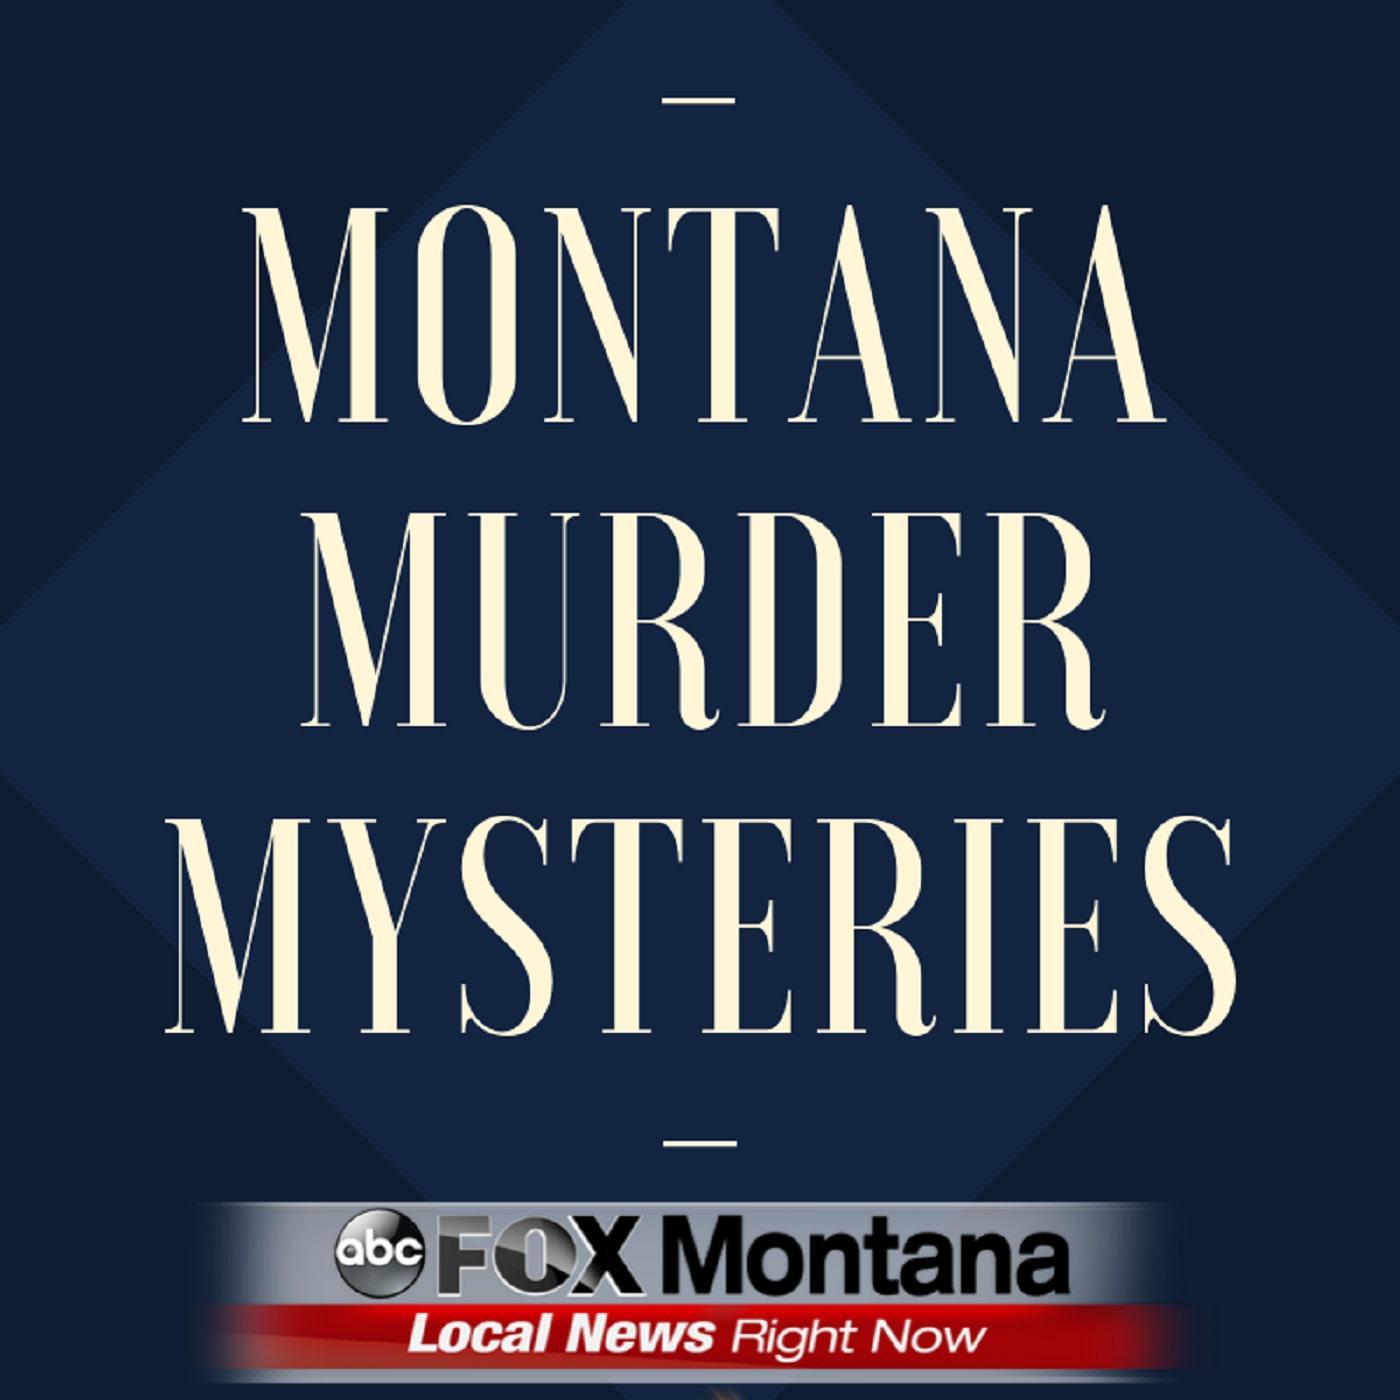 Montana Murder Mysteries (podcast) - KHQ-TV